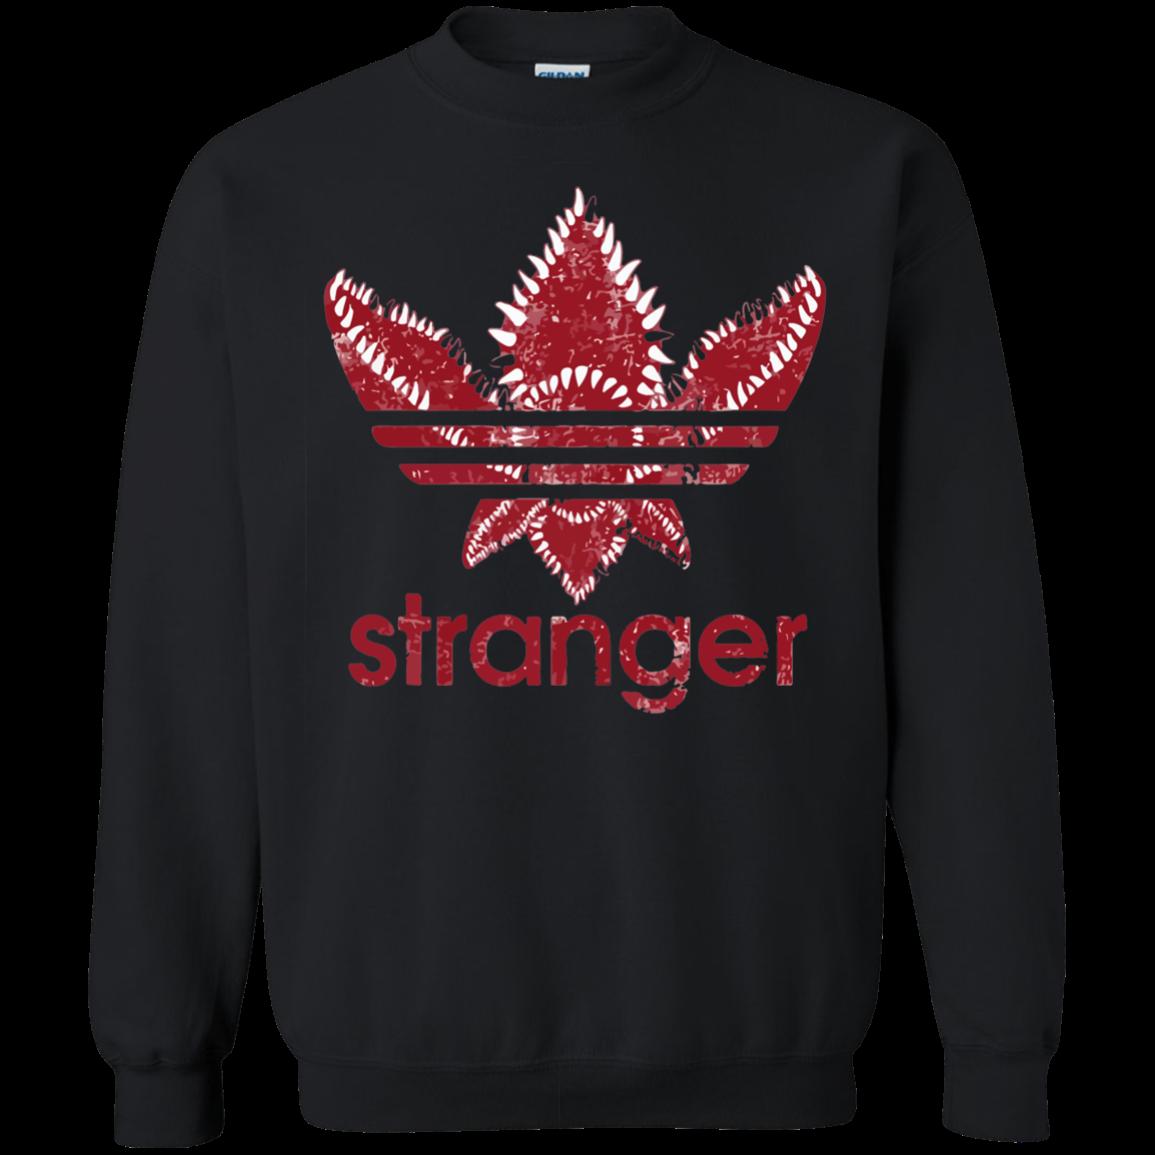 Stranger Things Adidas Logo Shirt Hoodie Sweater Stranger Things Outfit Stranger Things Shirt Addidas Shirts [ 1155 x 1155 Pixel ]